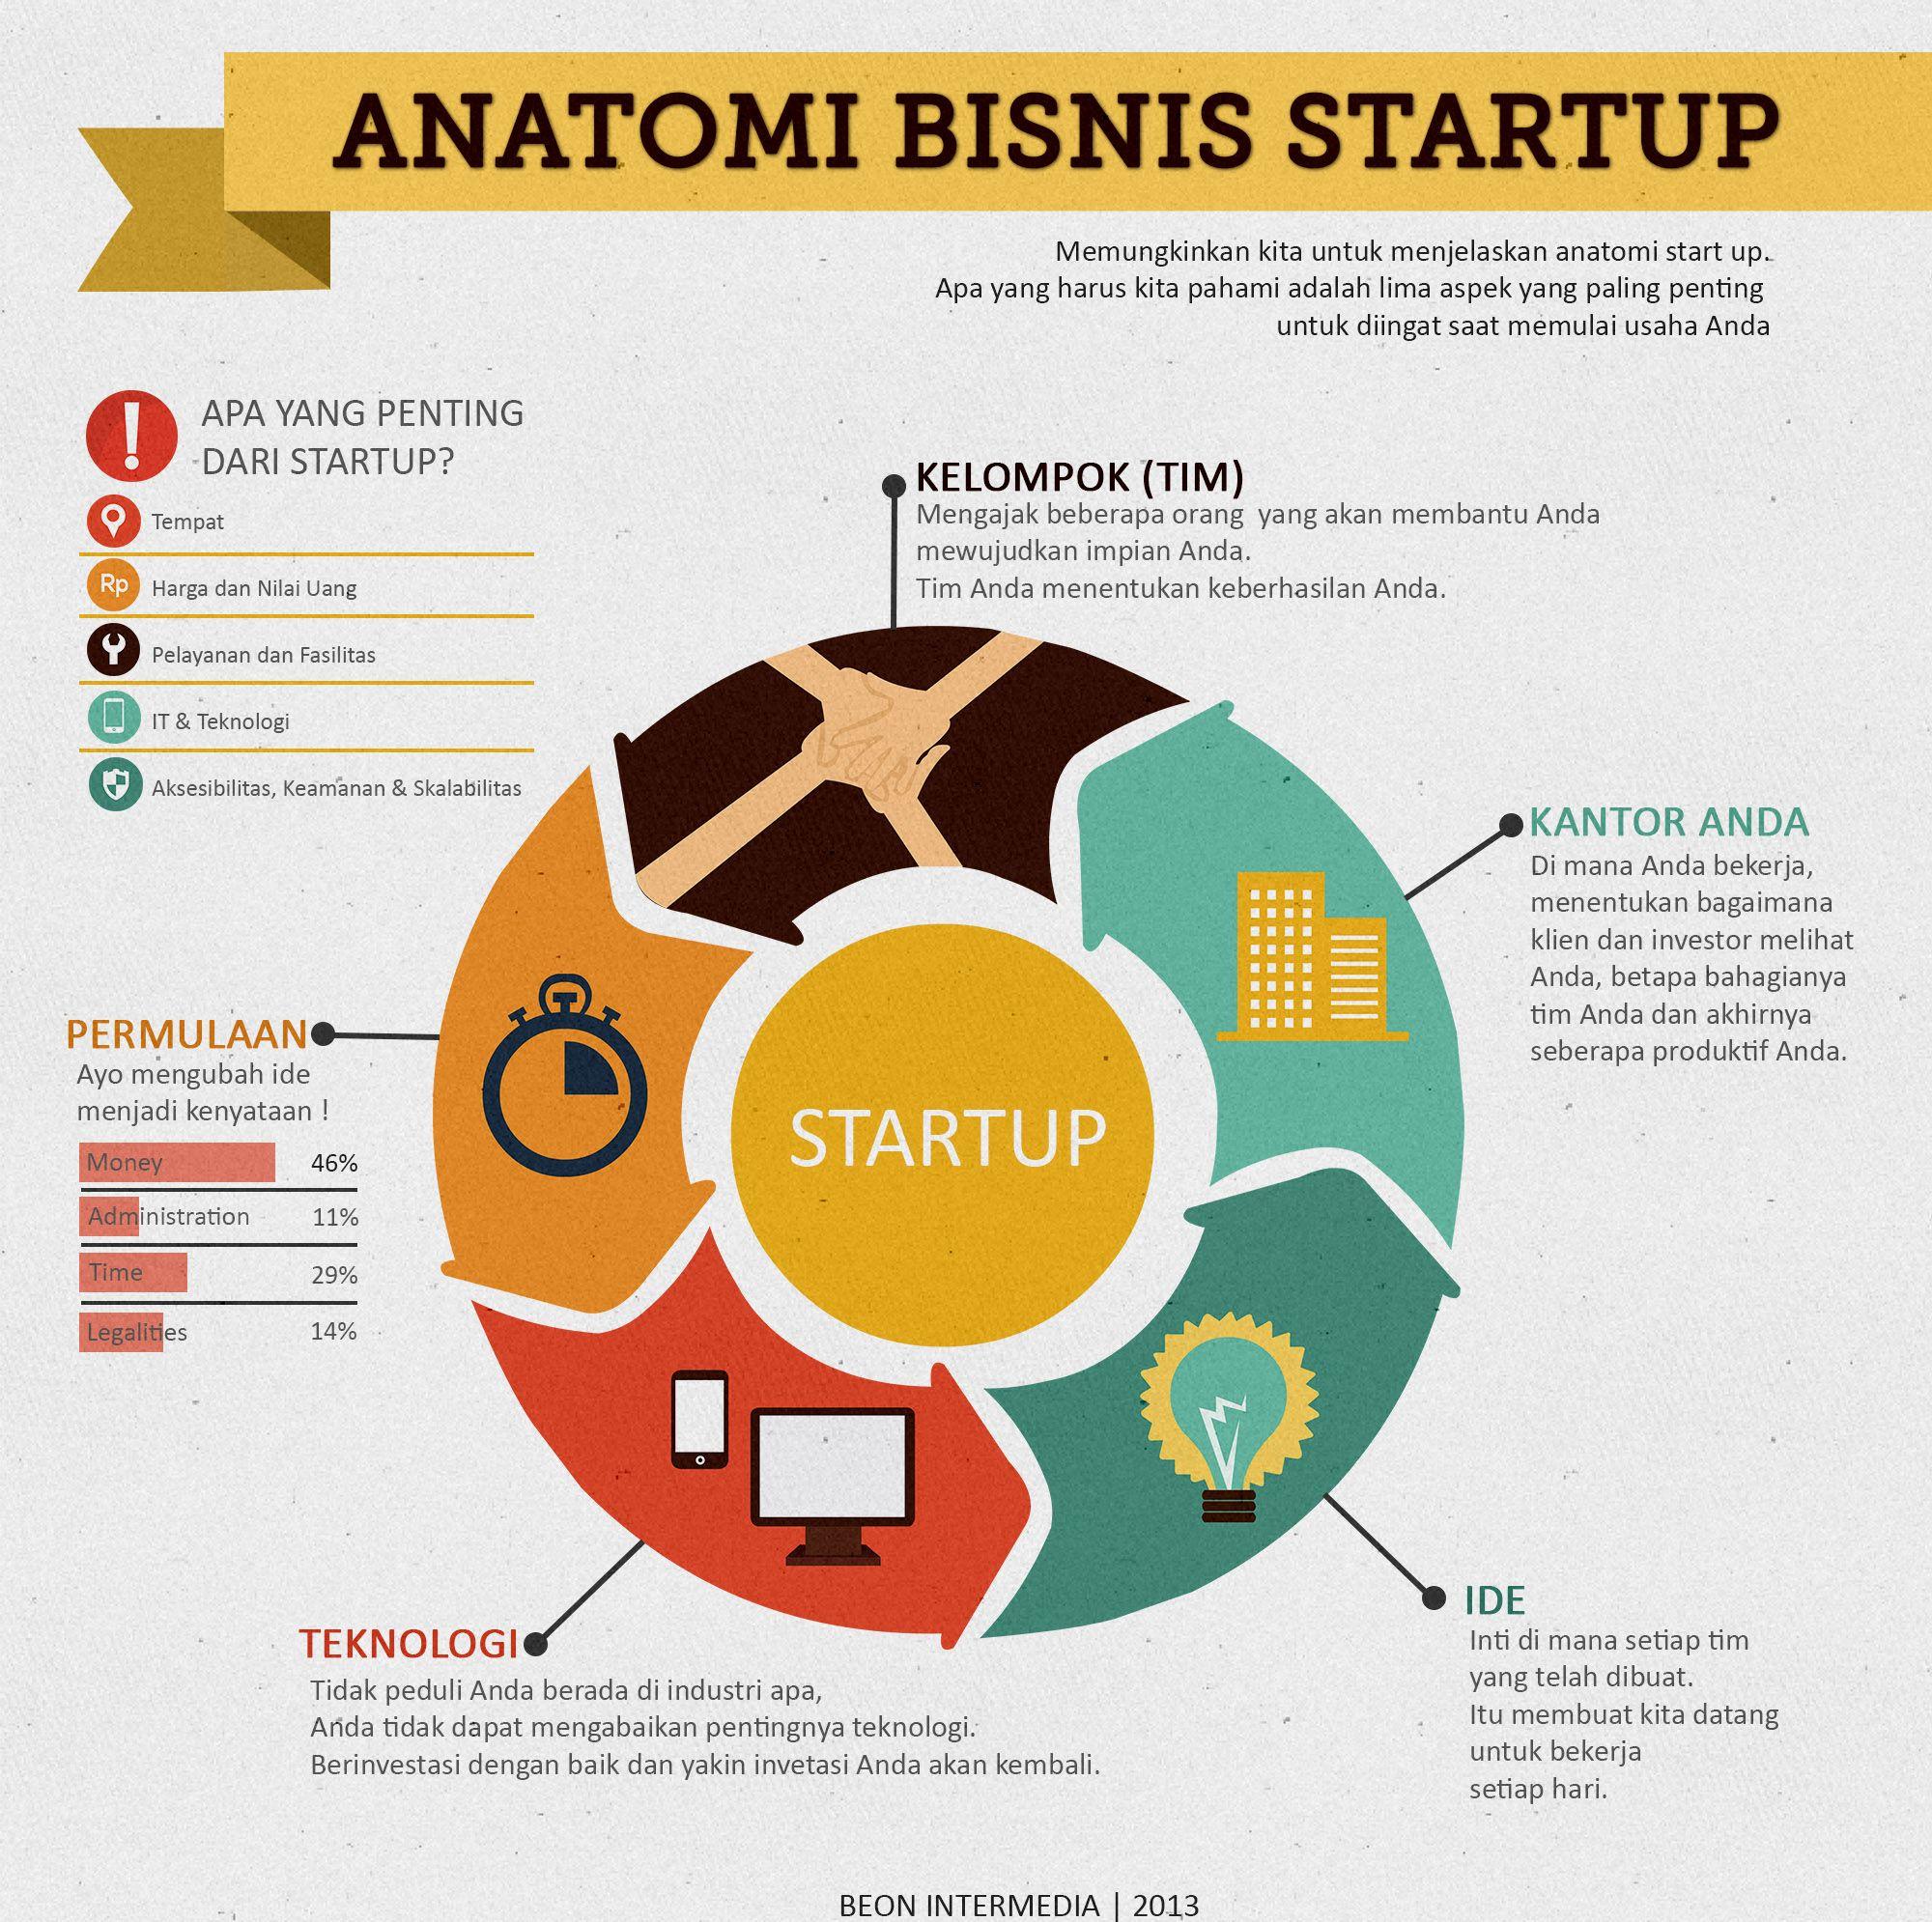 Infografis 5 Anatomi Bisnis Startup Infografis Startup Ide Bisnis